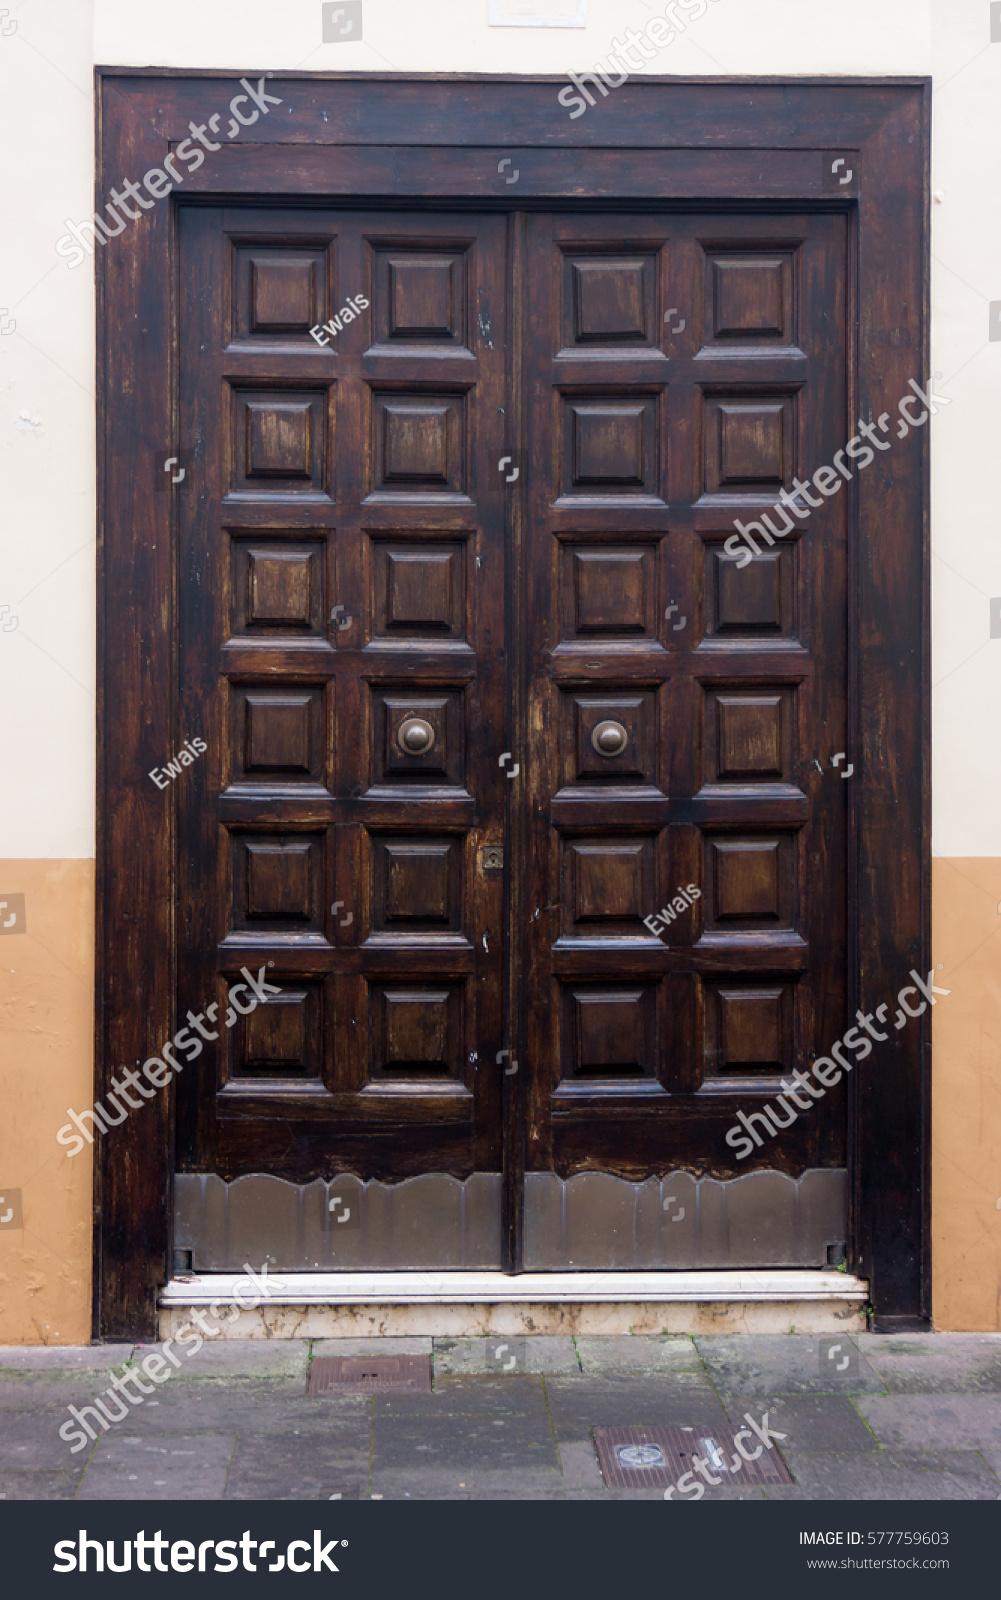 wood door. antique wooden door - Wood Door Antique Wooden Door Stock Photo 577759603 - Shutterstock